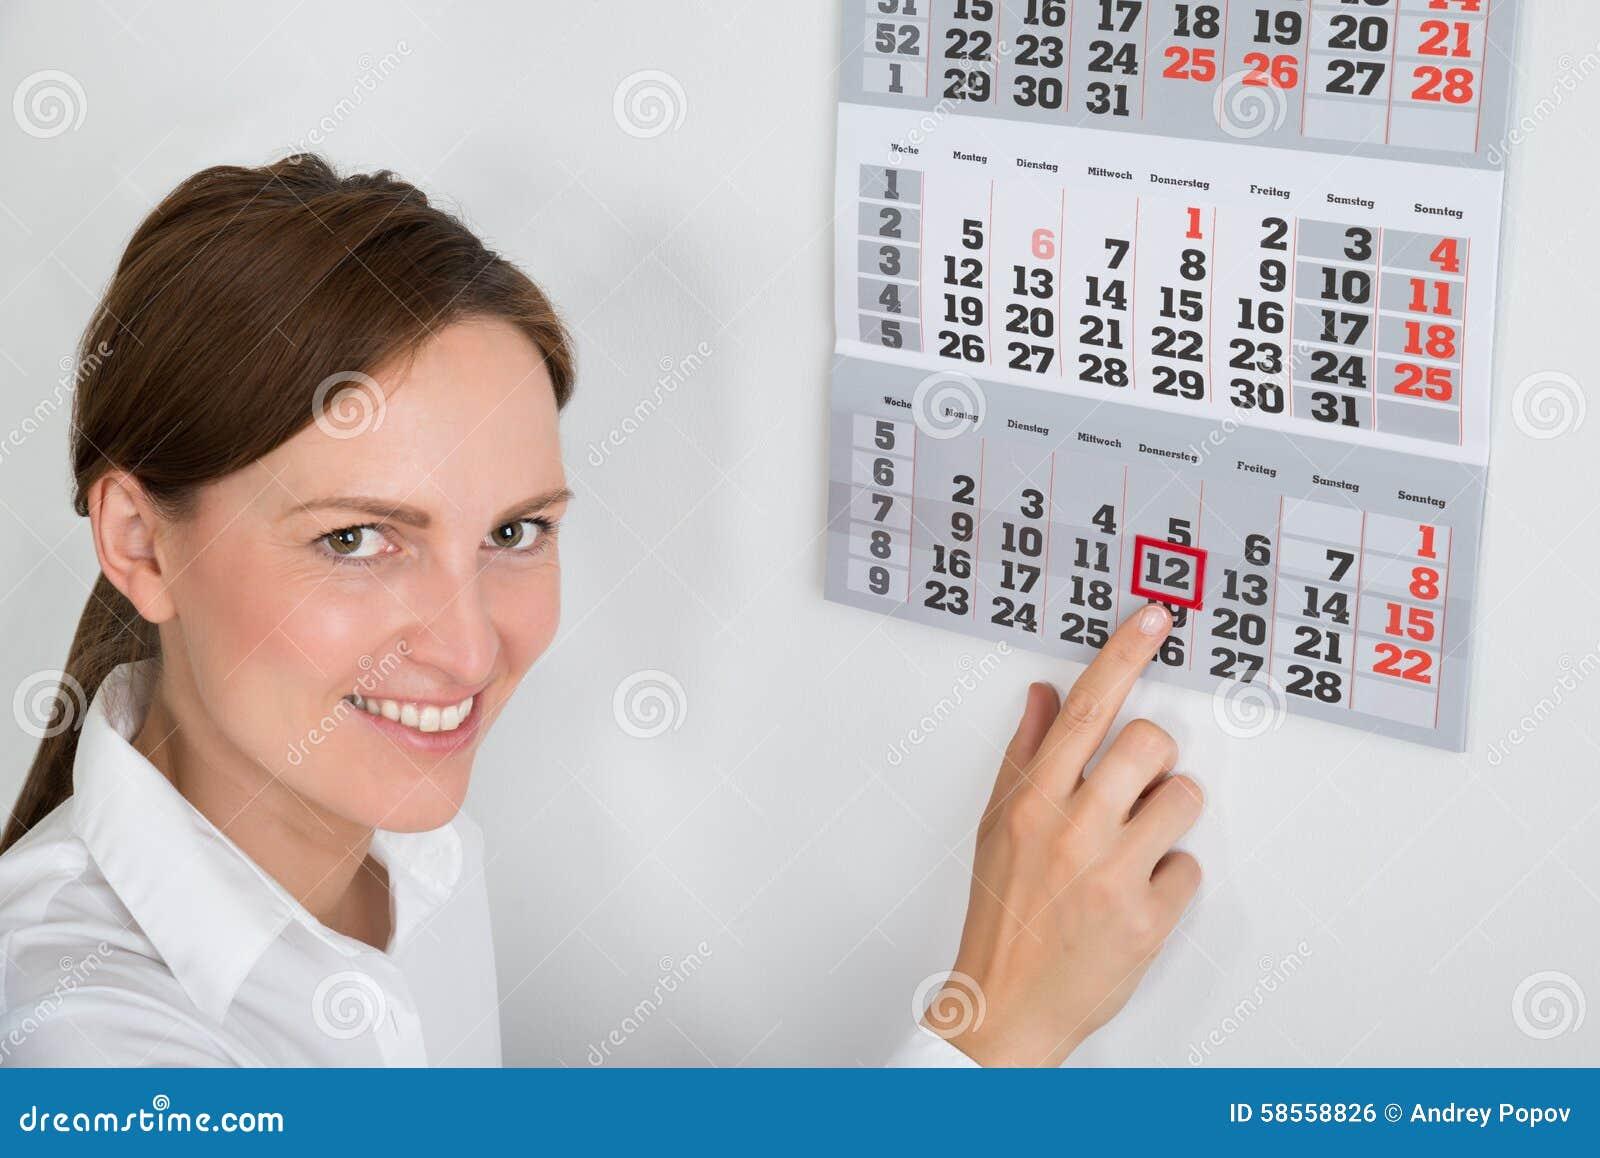 Onderneemster Placing Red Mark On Calendar Date